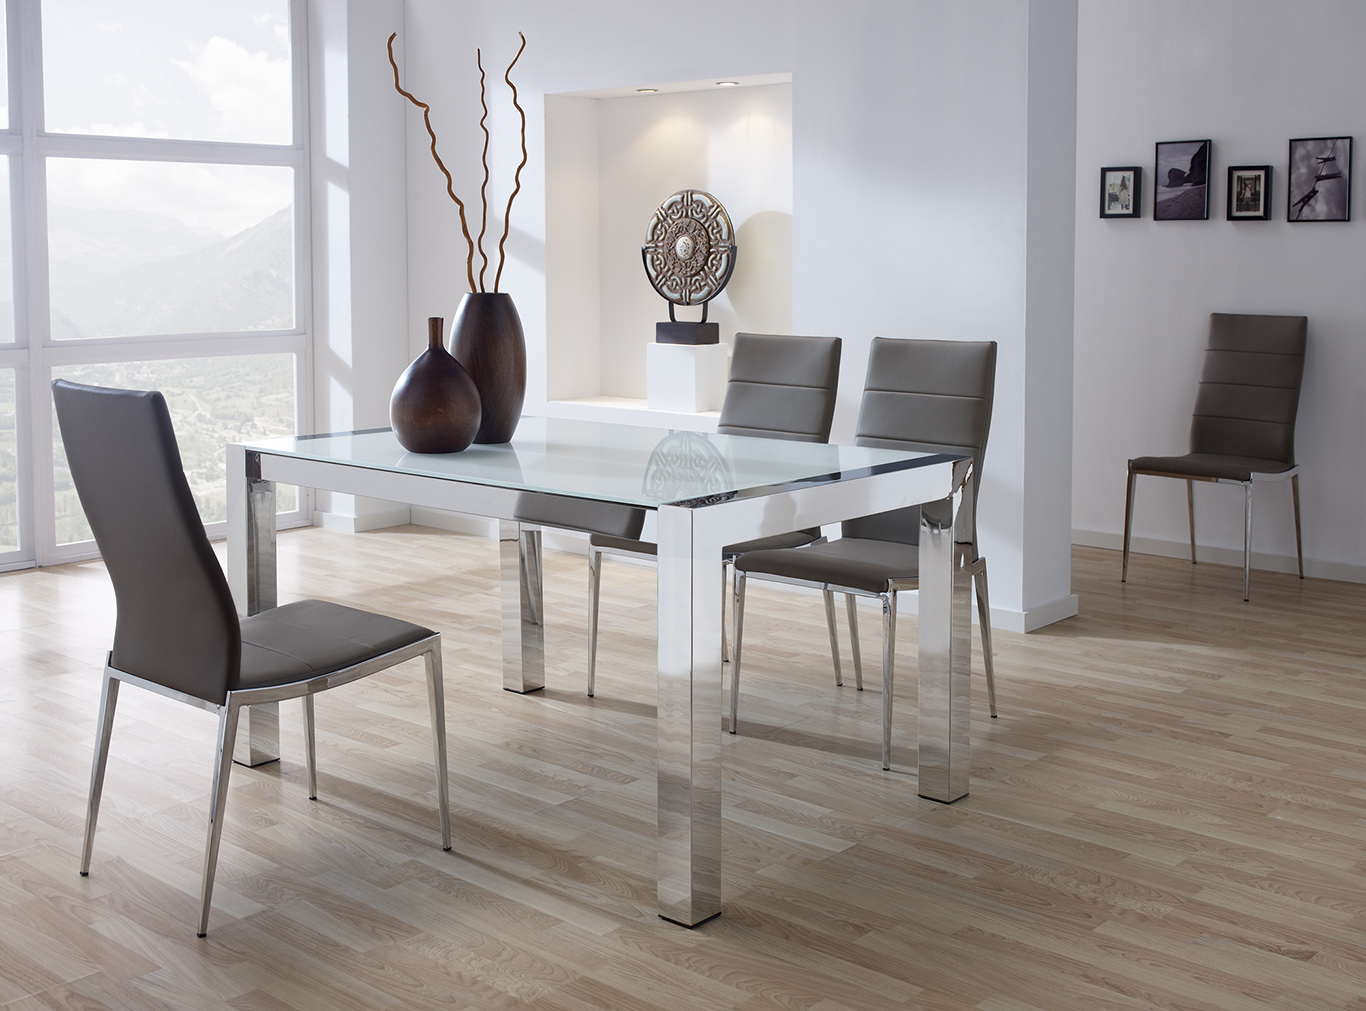 Mesas de comedor modernas for Mesa de comedor 4 sillas